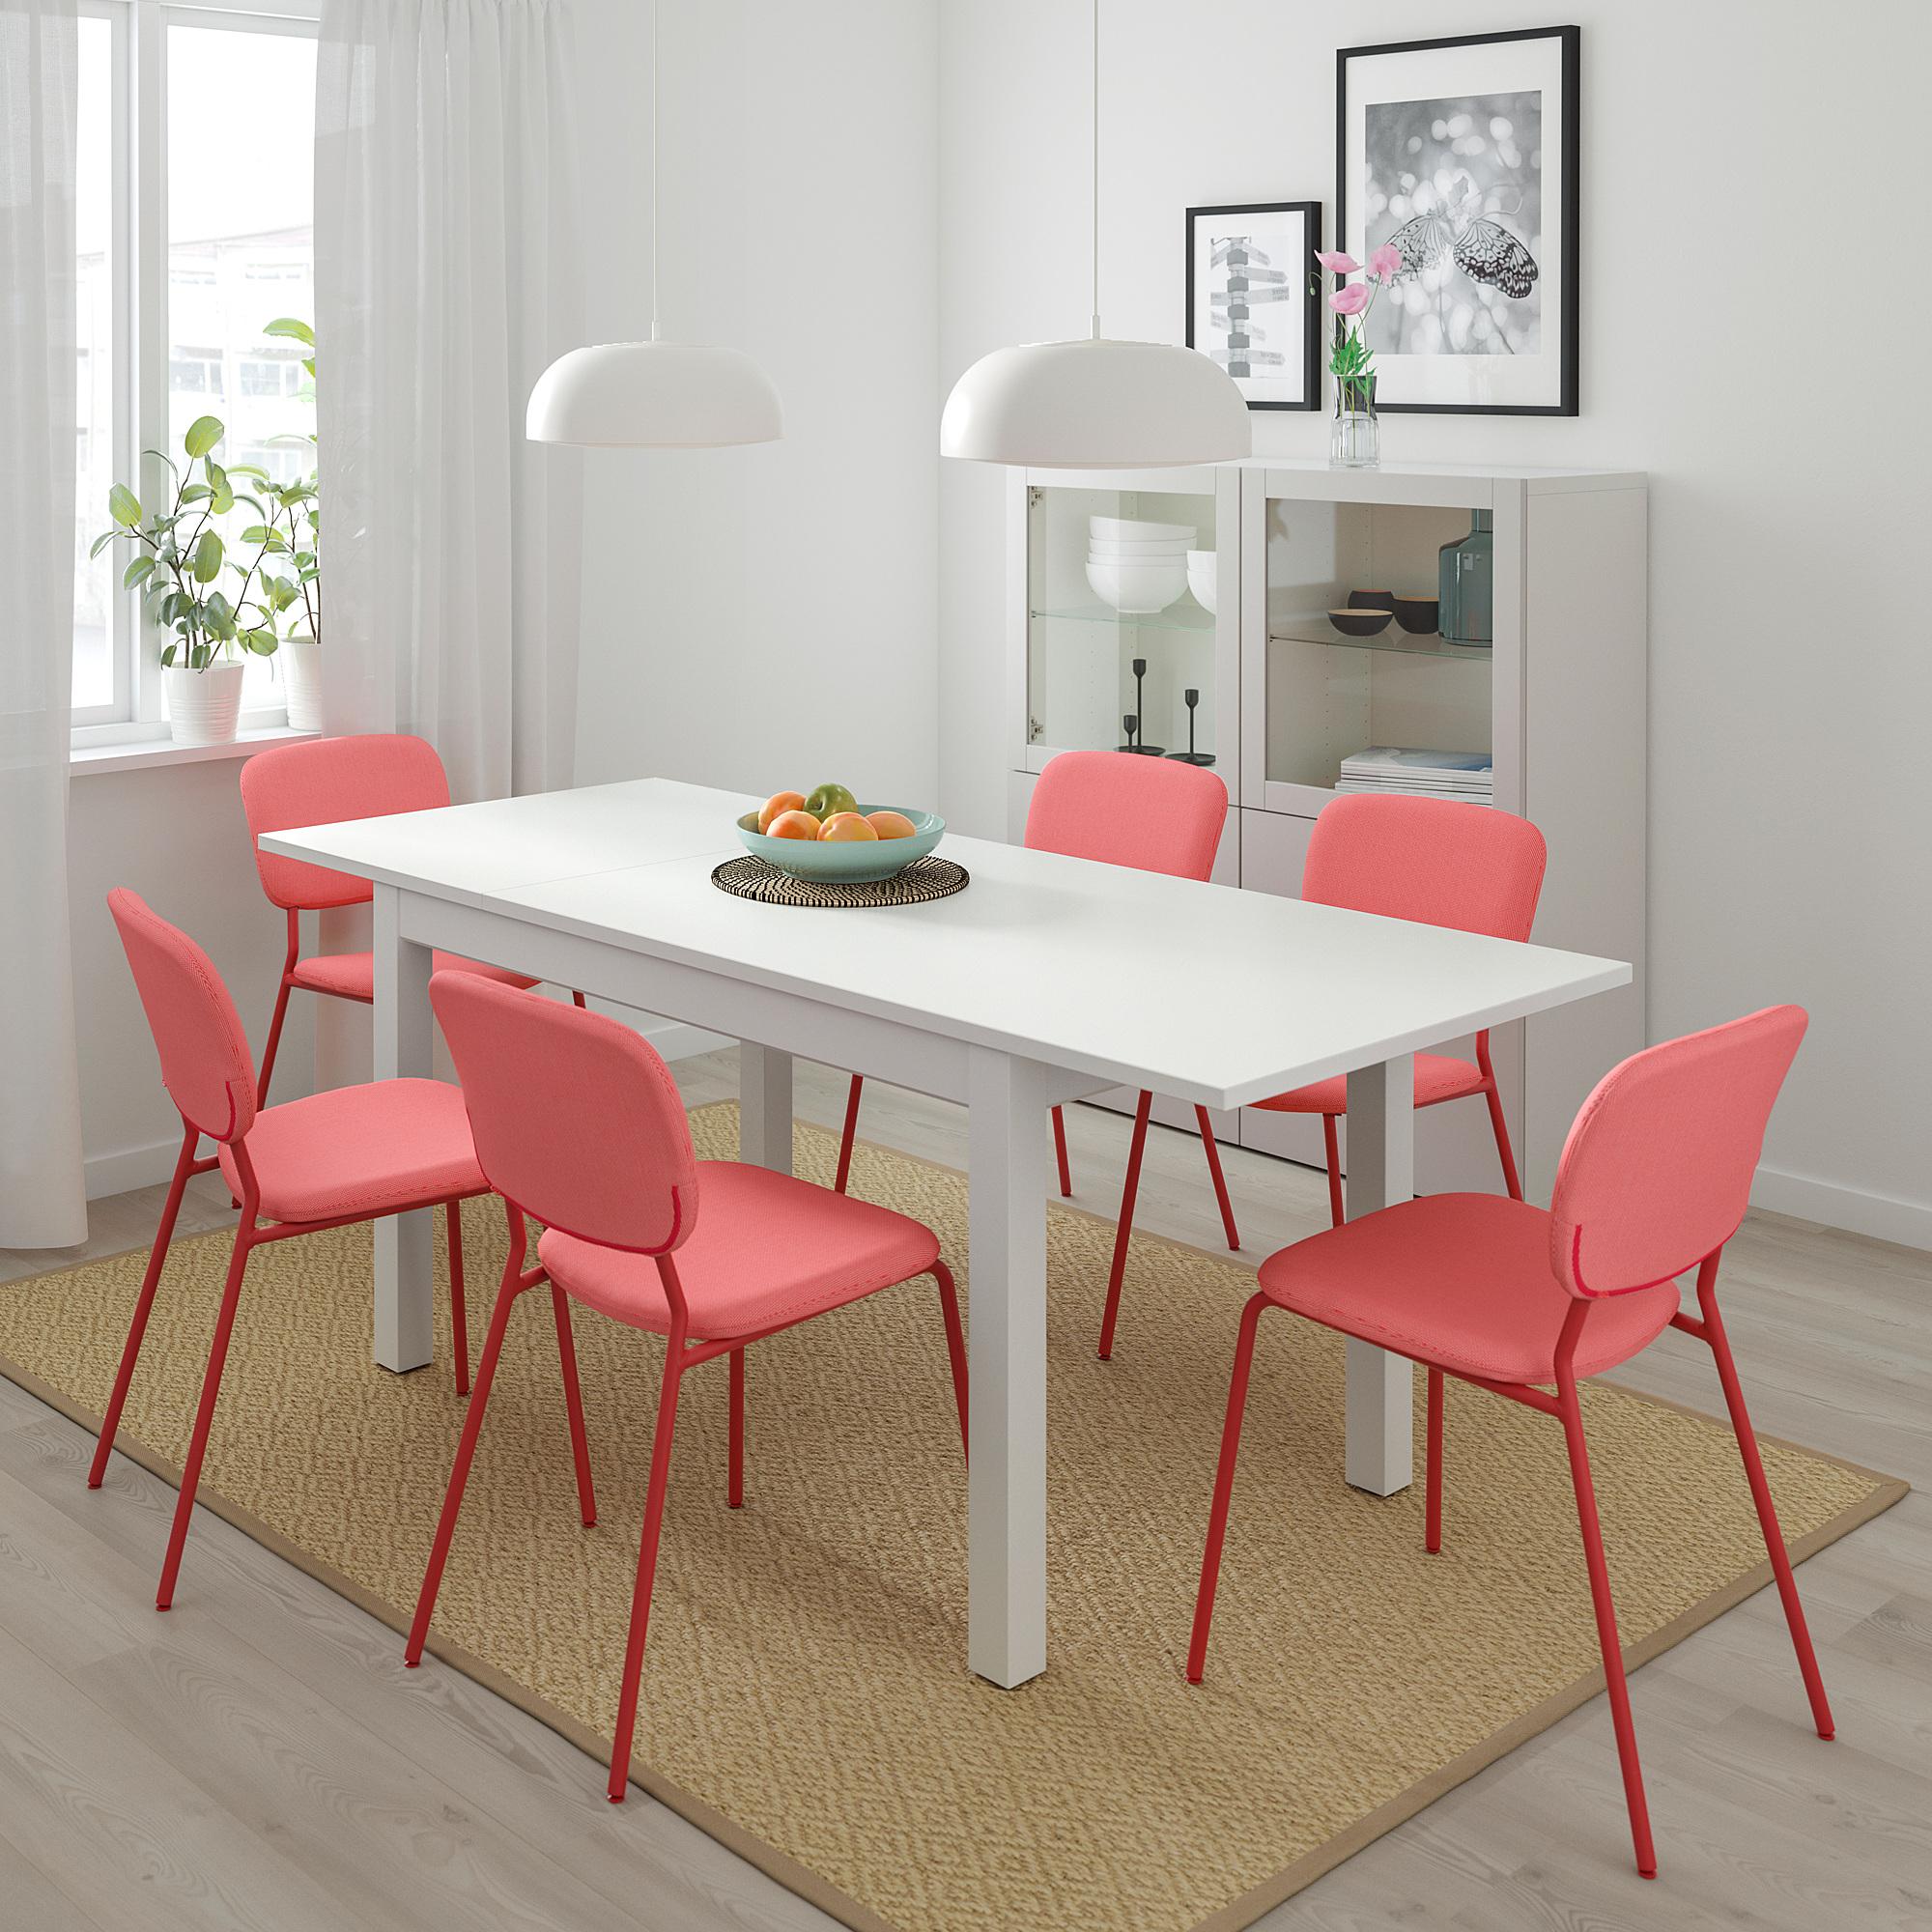 Laneberg Extendable Table White Ikea Hong Kong